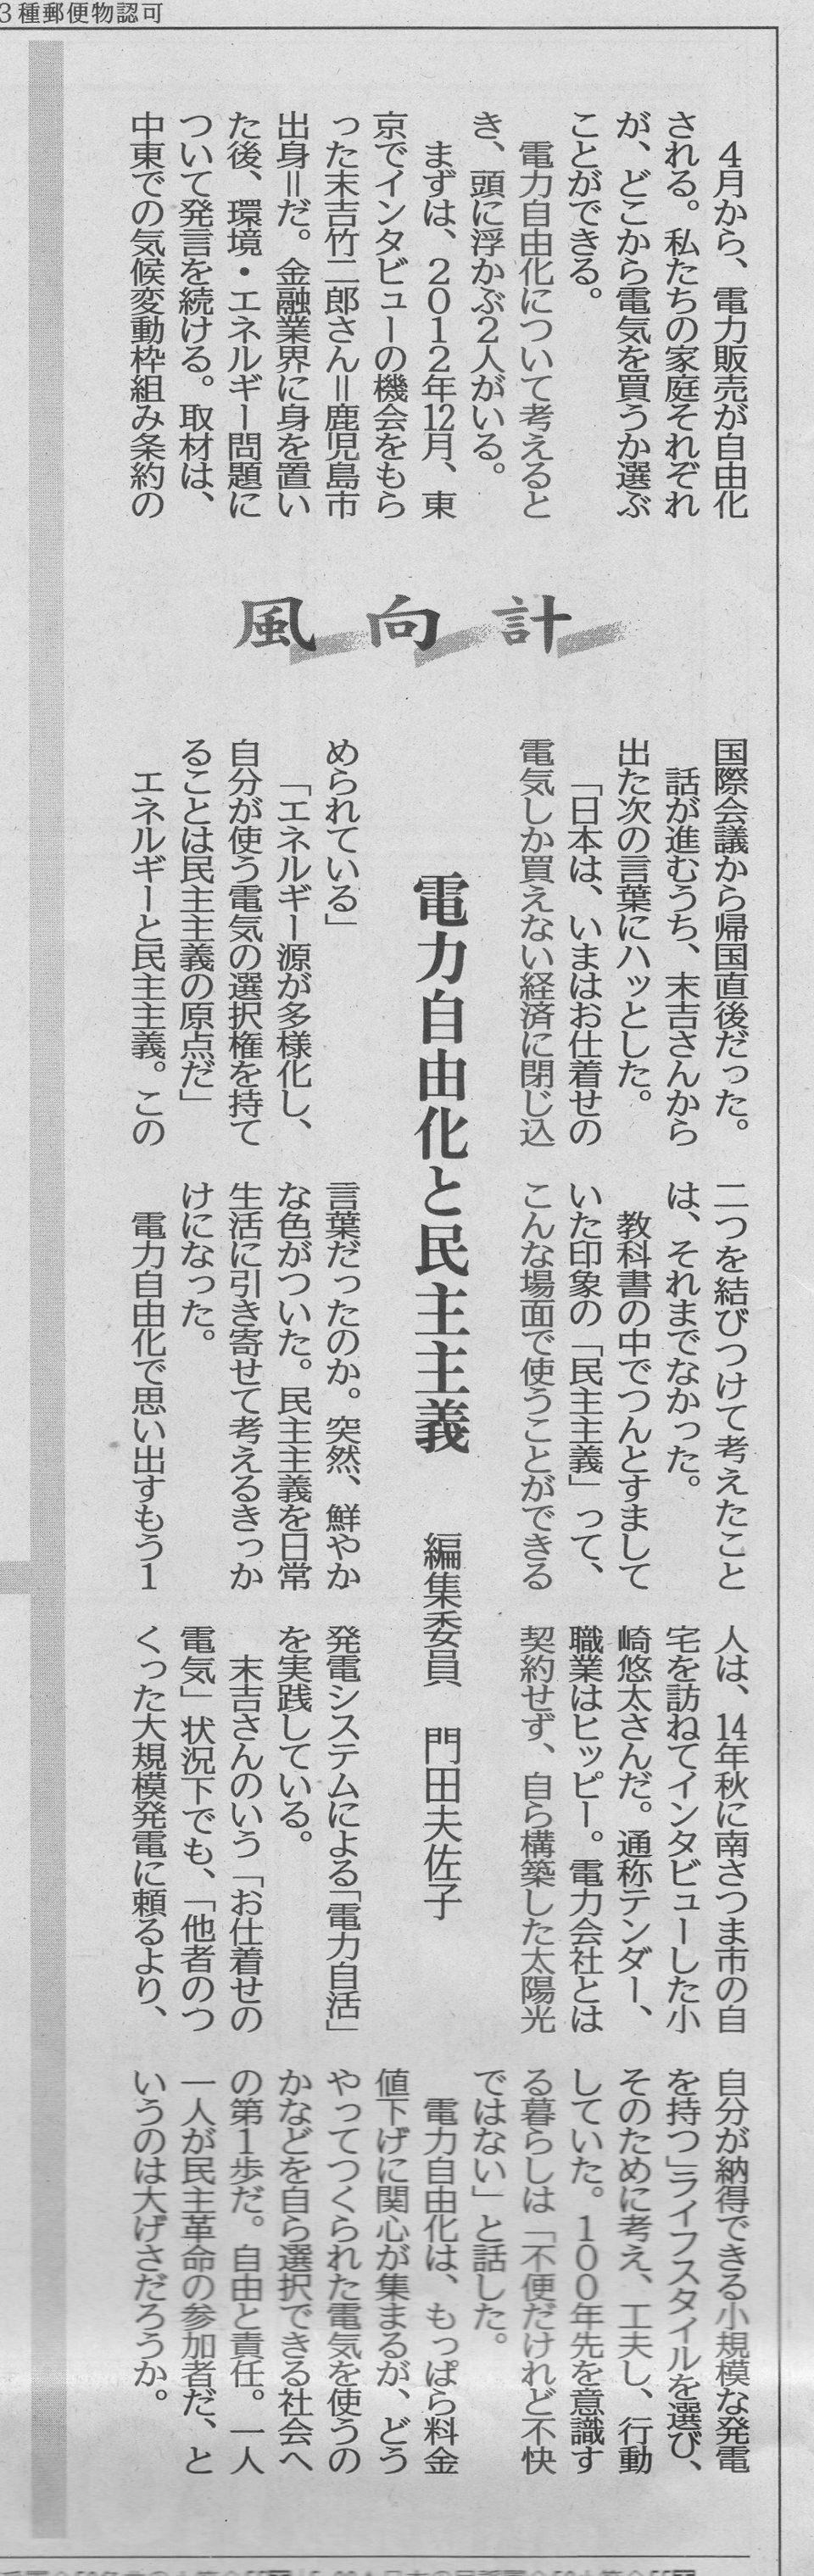 南日本新聞、風向計